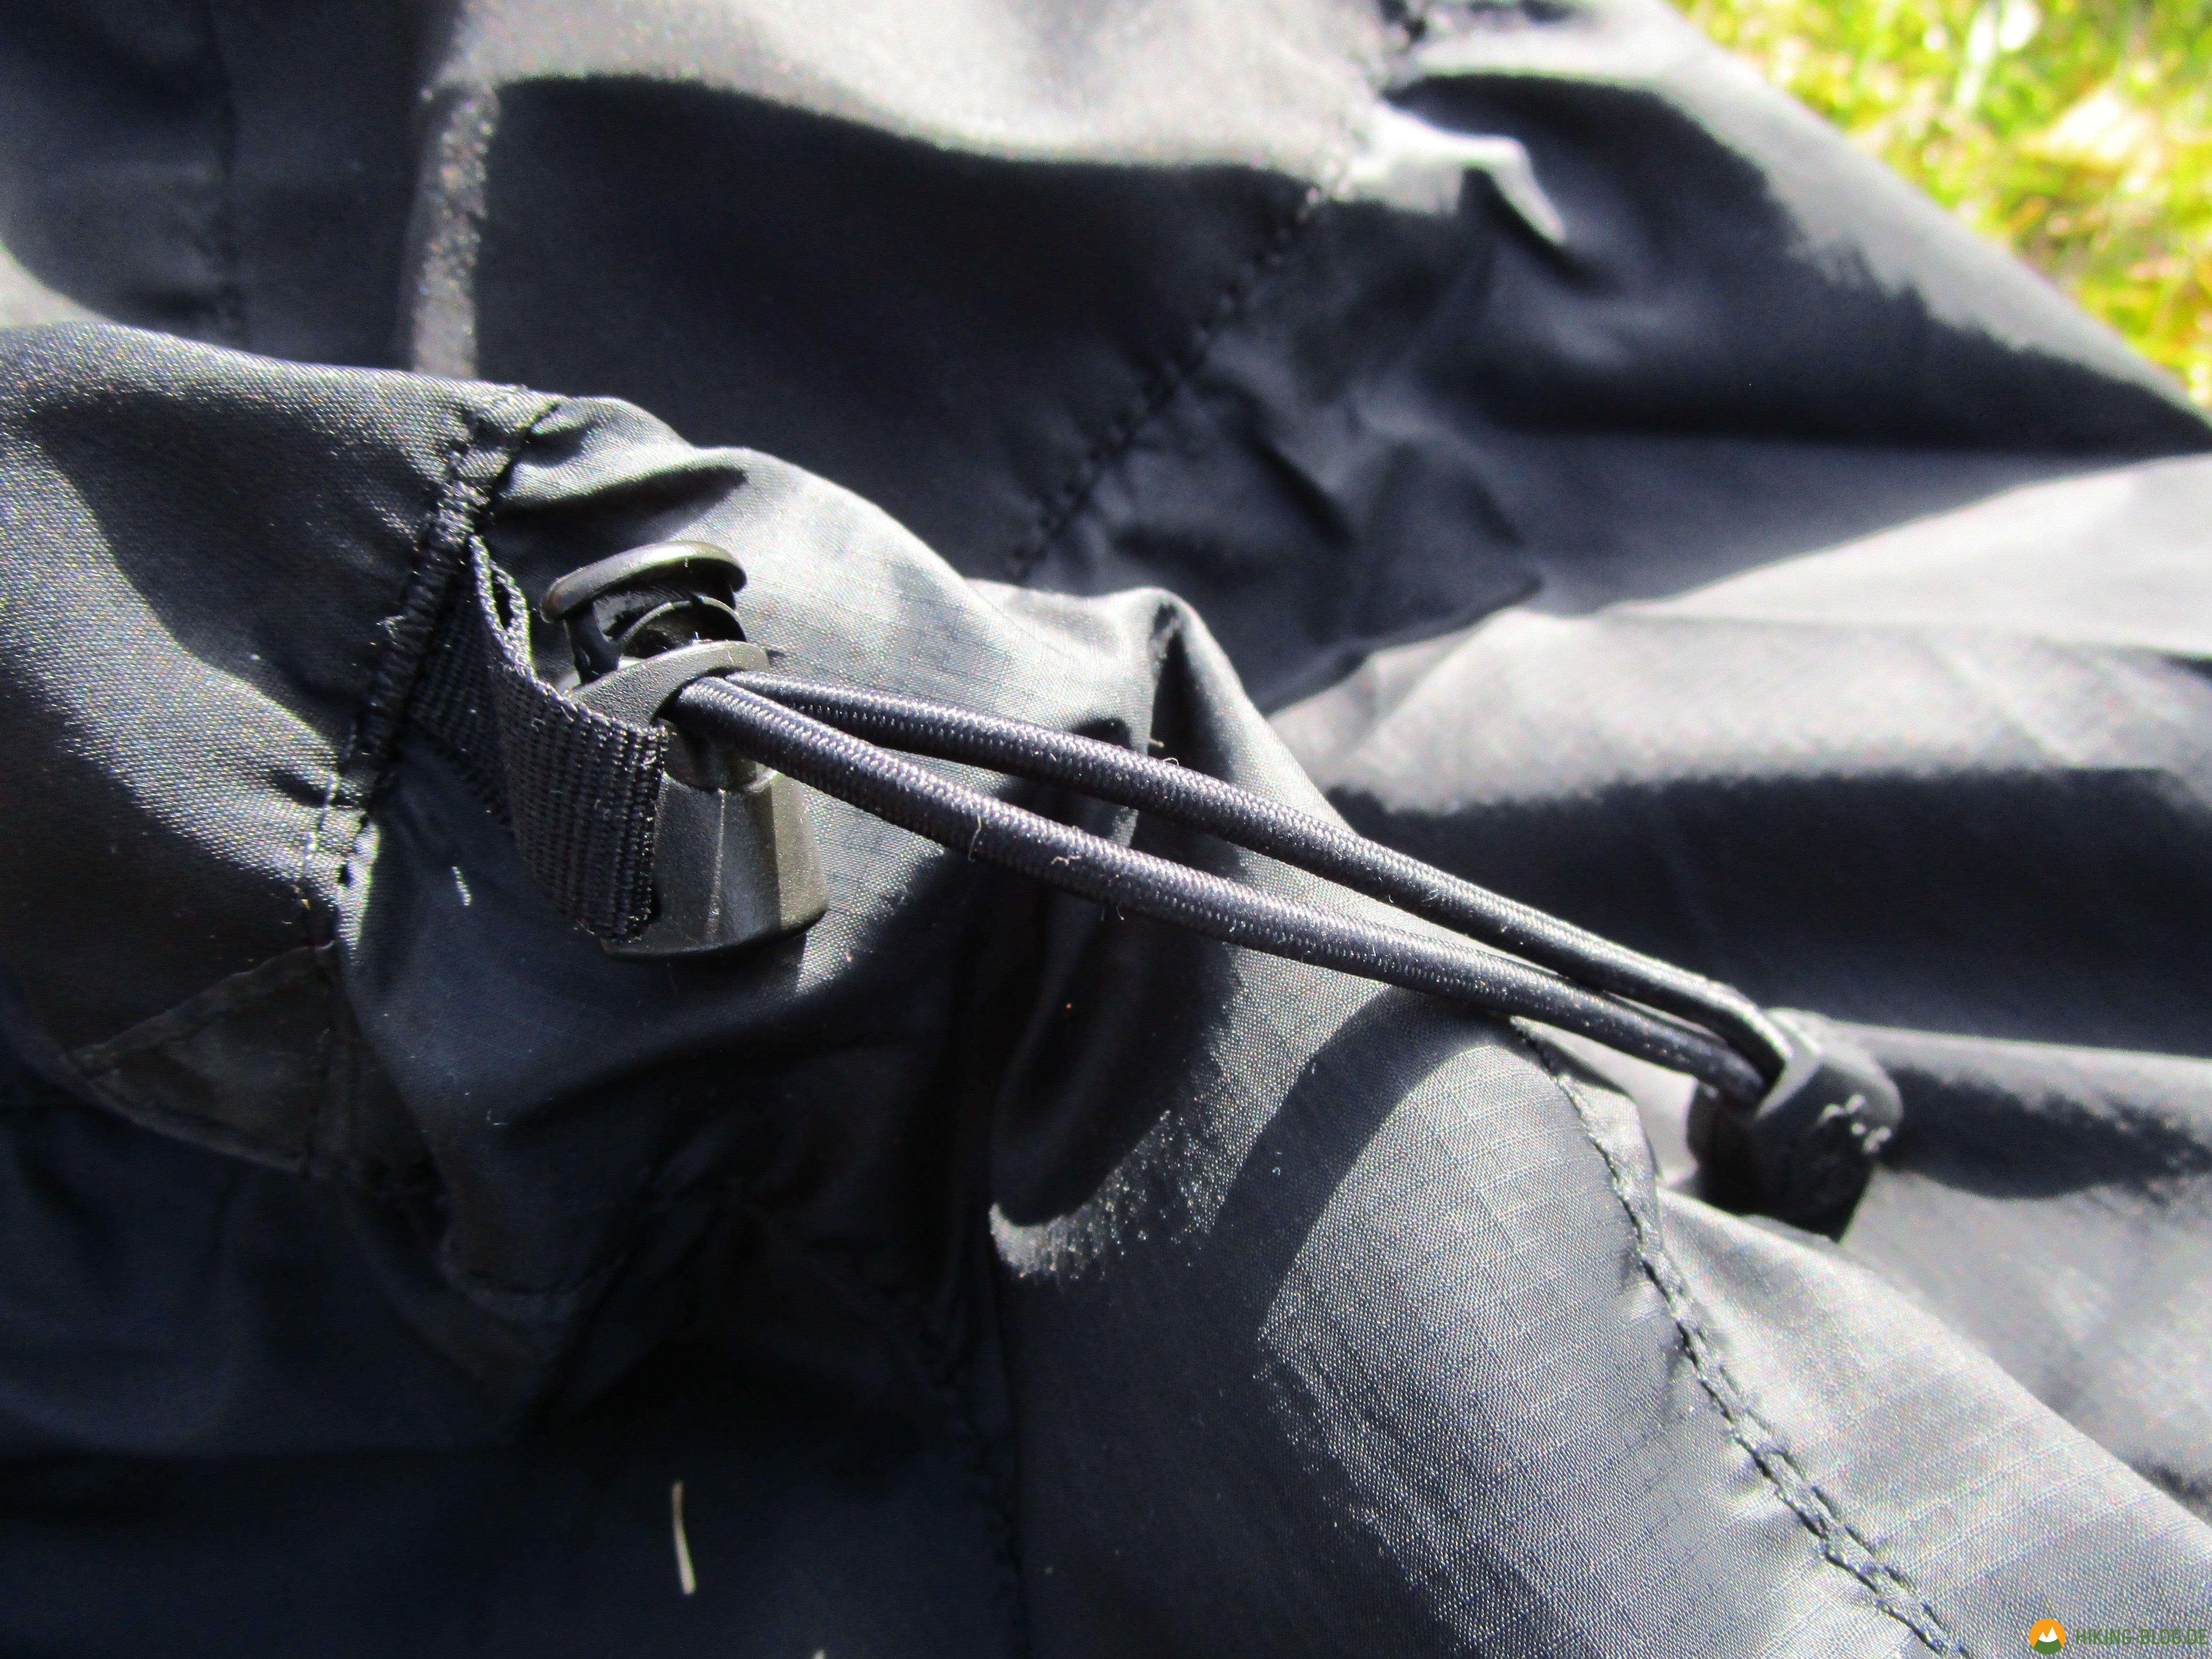 Praxistest: Páramo Velez Jacket – Leistungsstarker Wetterschutz ...